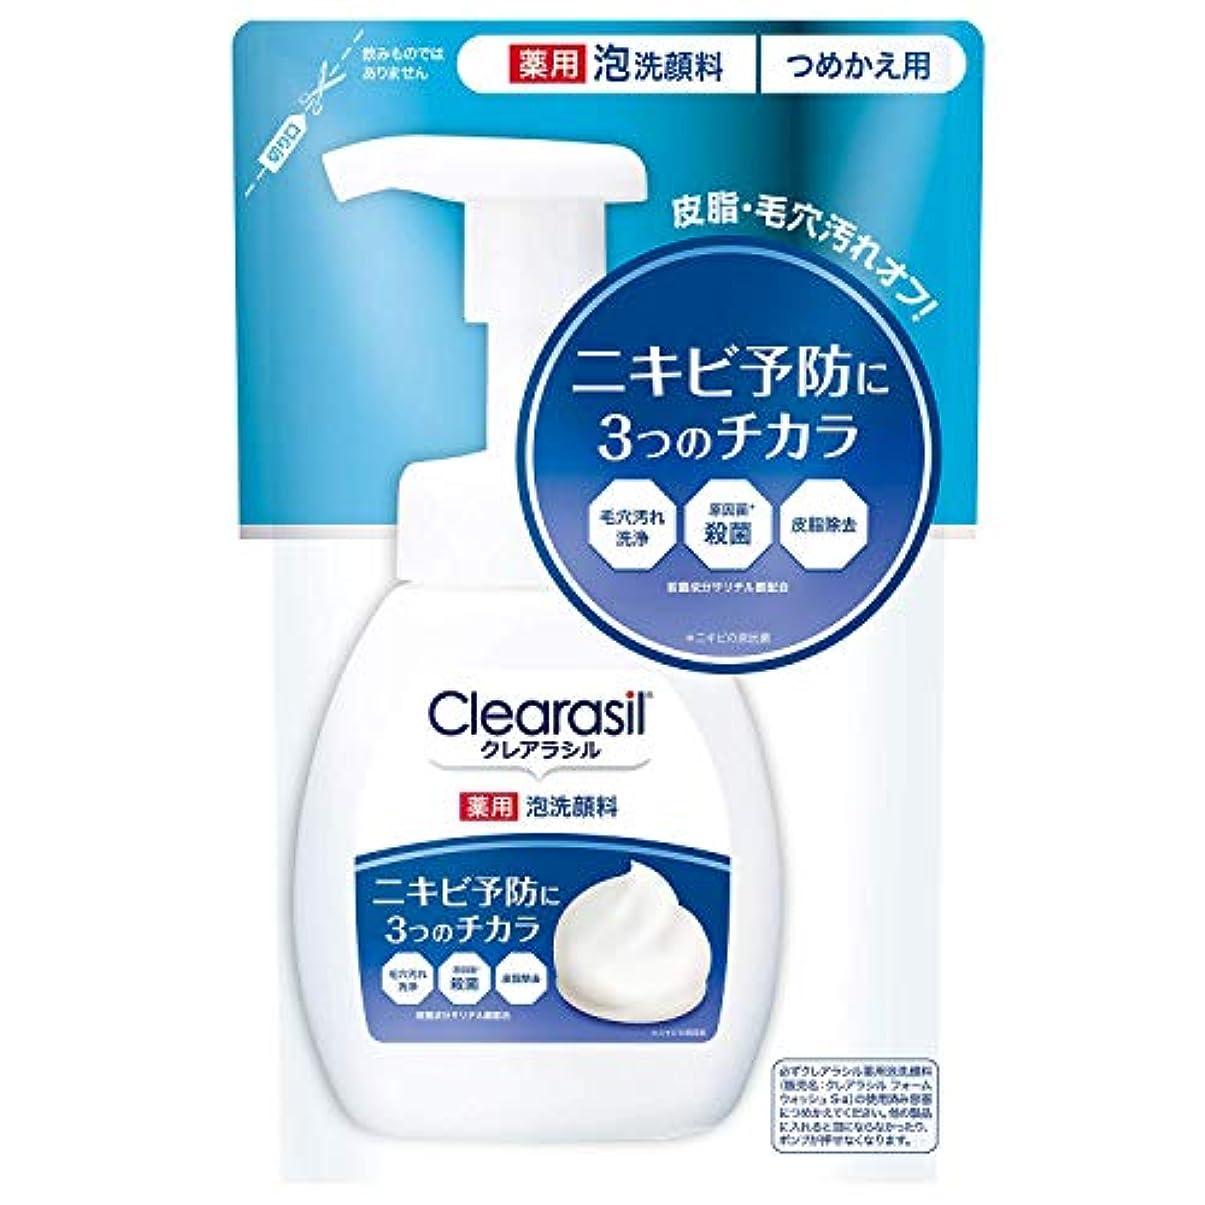 溶けた目的公平【clearasil】クレアラシル 薬用泡洗顔フォーム10 つめかえ用 (180ml) ×20個セット